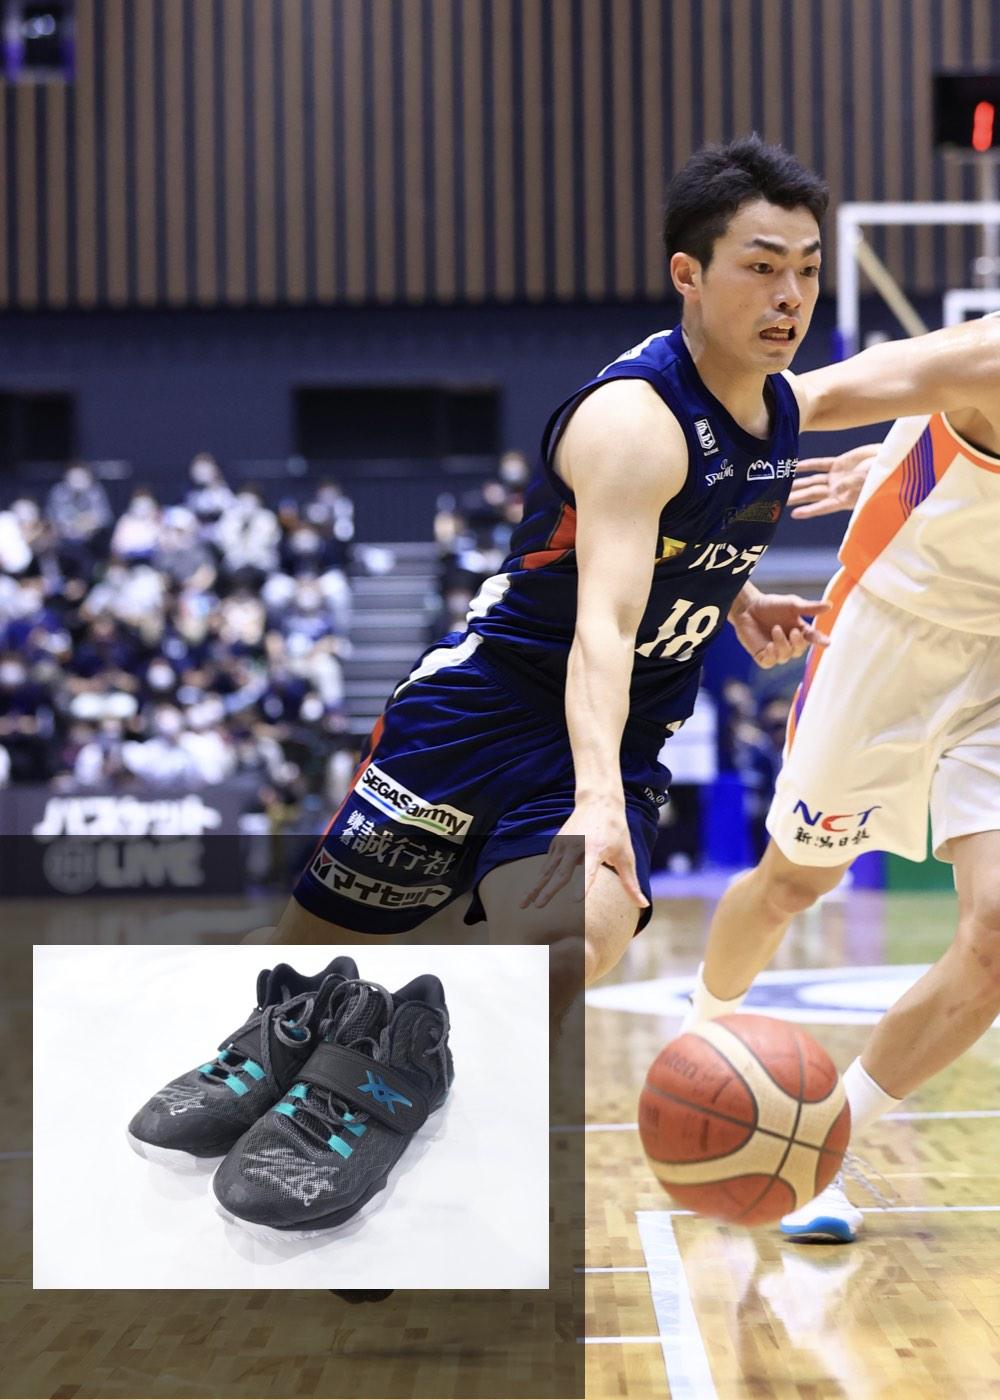 【公式】実使用・本人直筆サイン入り「バスケットボールシューズ」#18 森井 健太